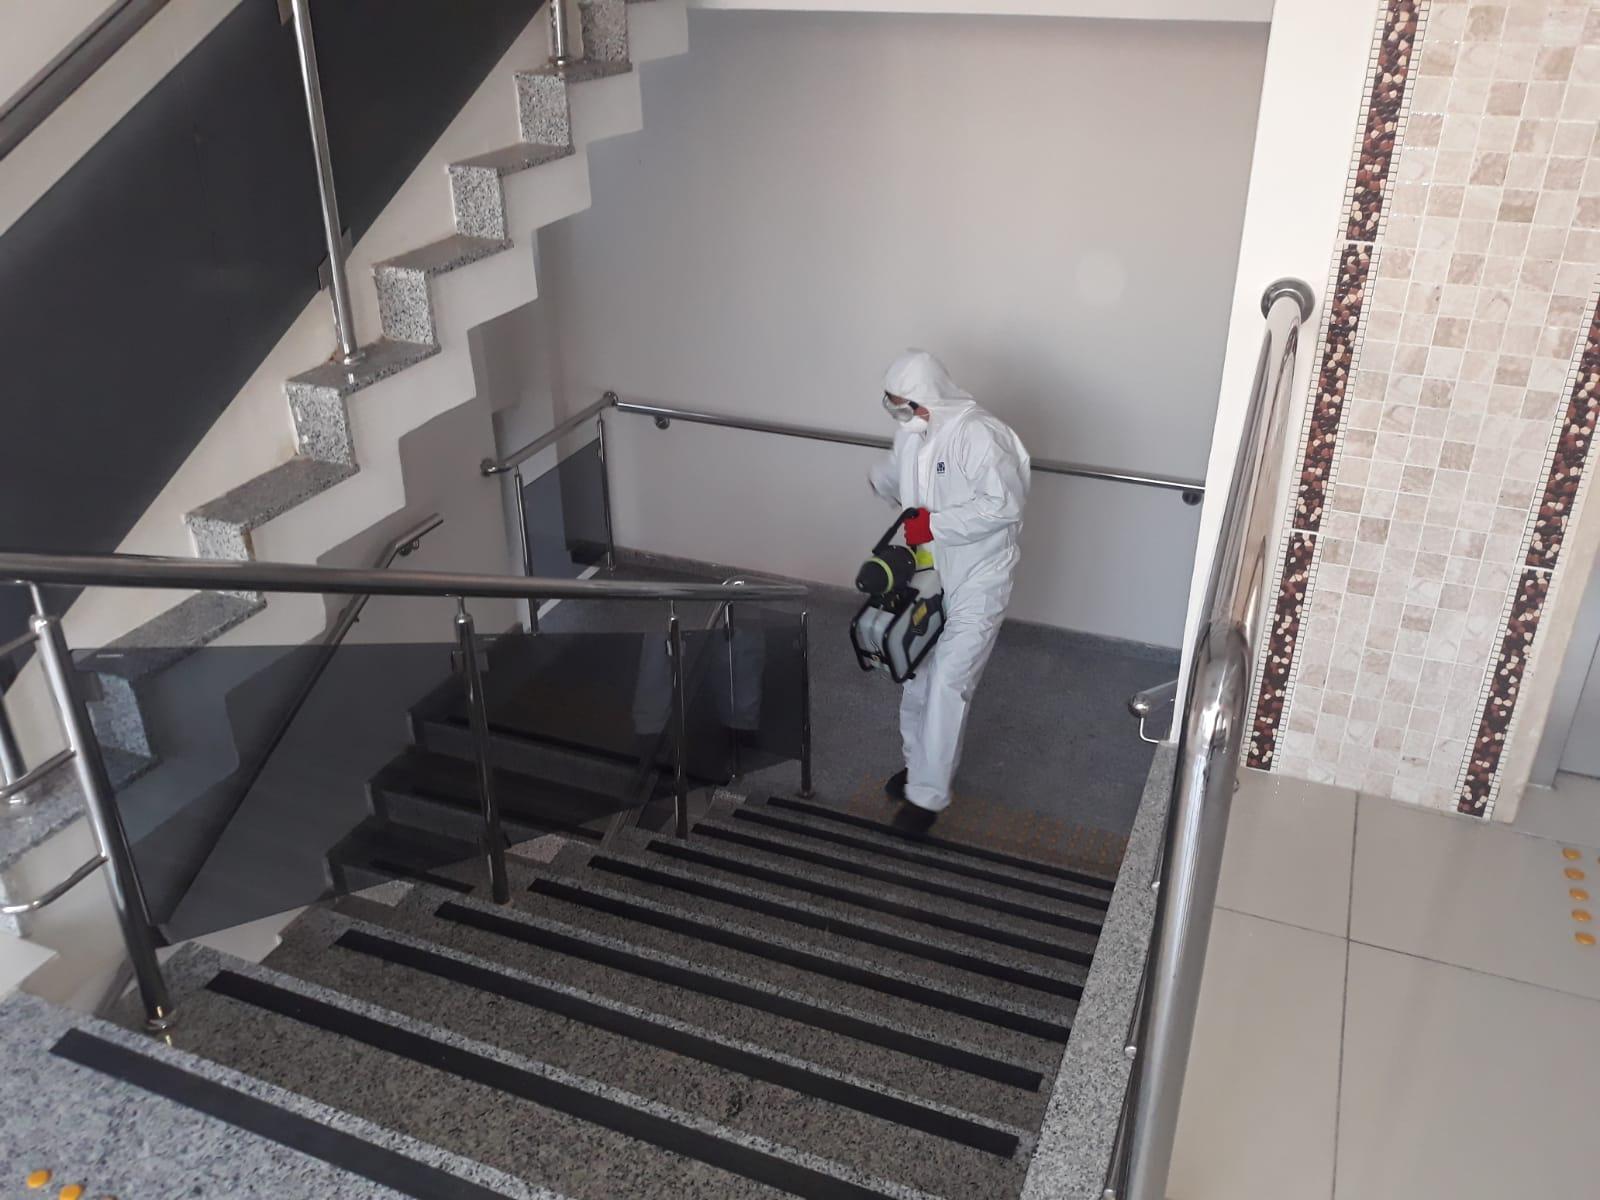 İl Müdürlüğümüzde Koronavirüse Karşı Dezenfeksiyon Çalışması..